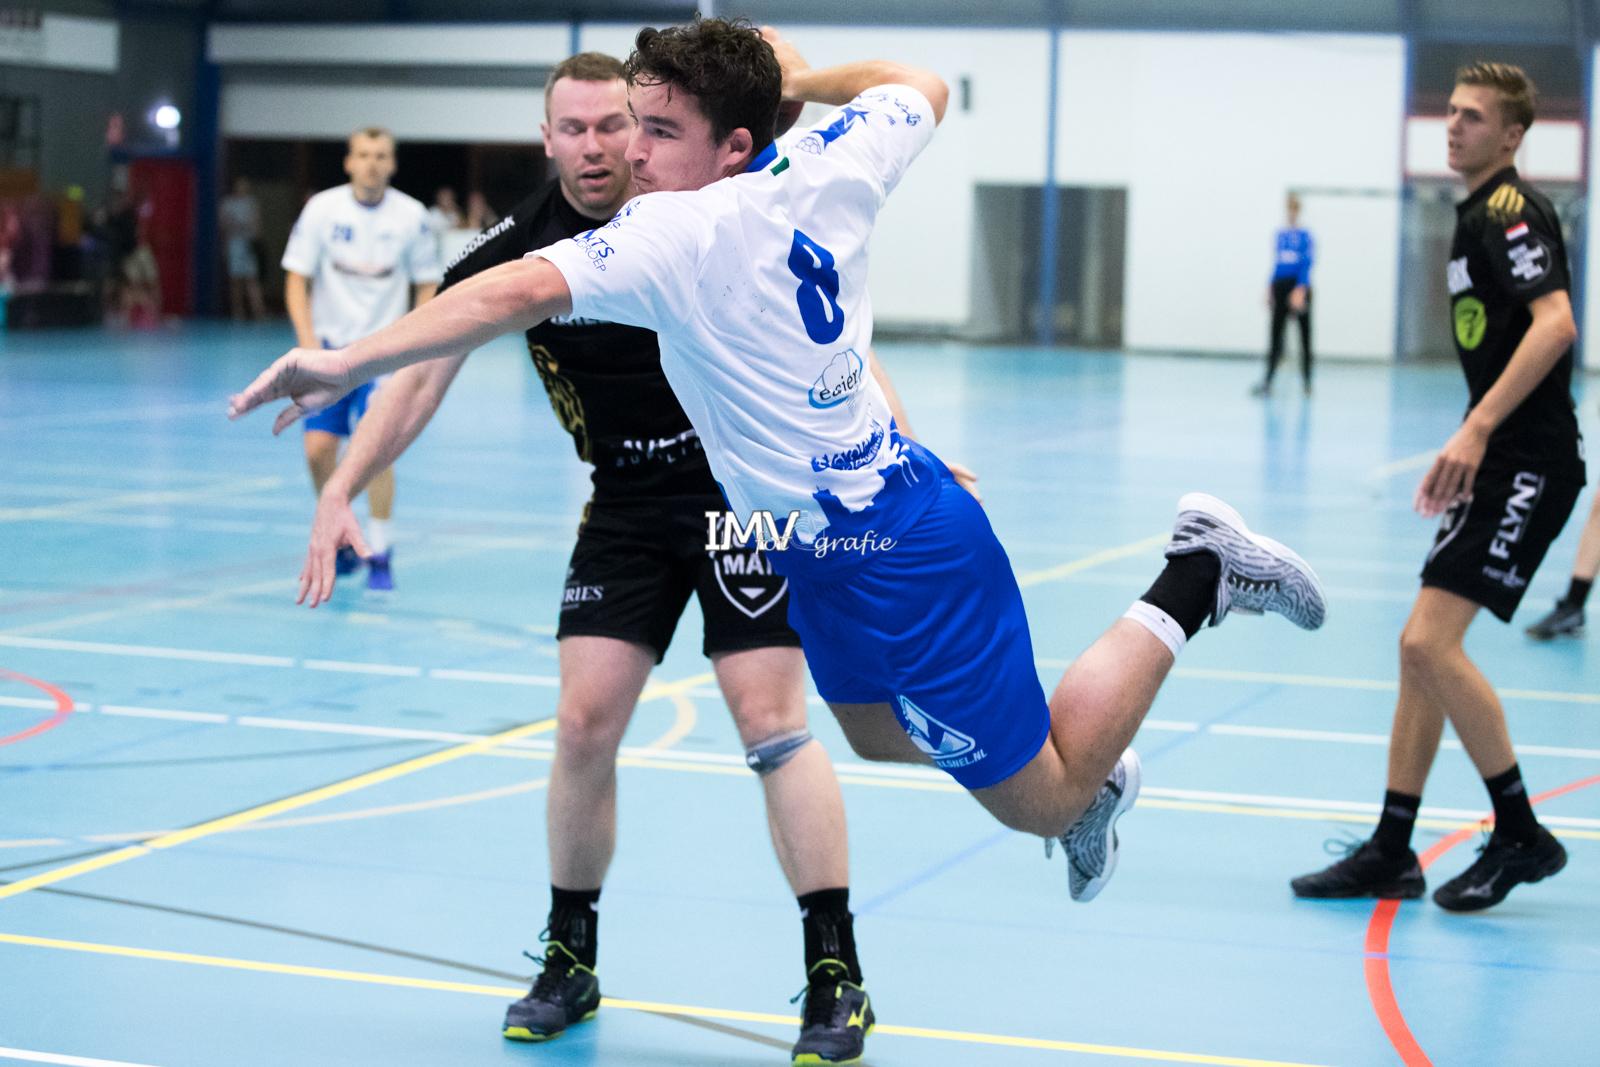 Ere divisie heren  Hellas -Aalsmeer 31 augustus 2019 eindstand 29-30